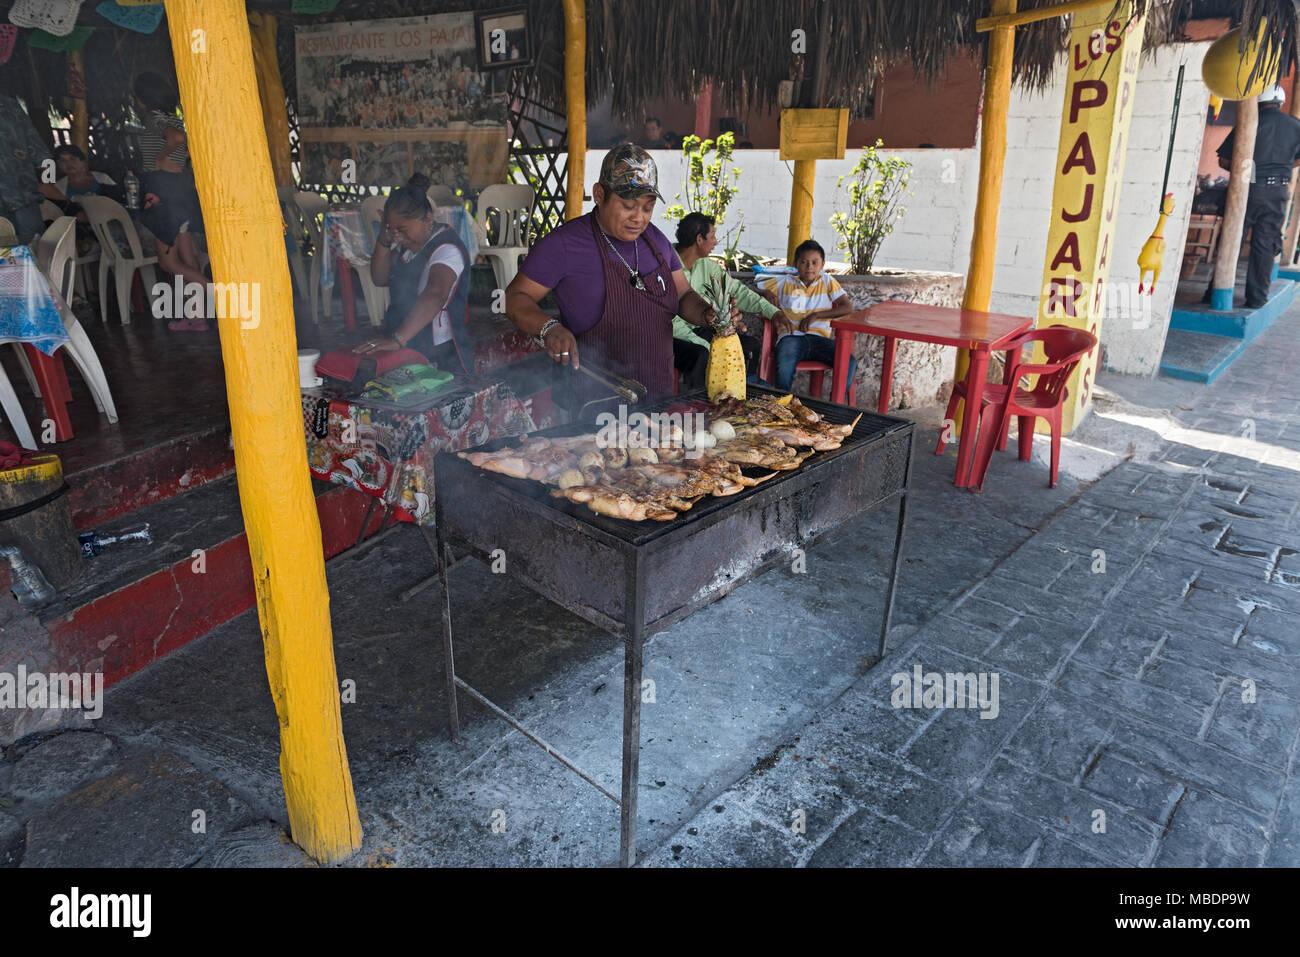 Uomo al chicken grill sul ciglio della strada in pista, Yucatan, Messico Immagini Stock